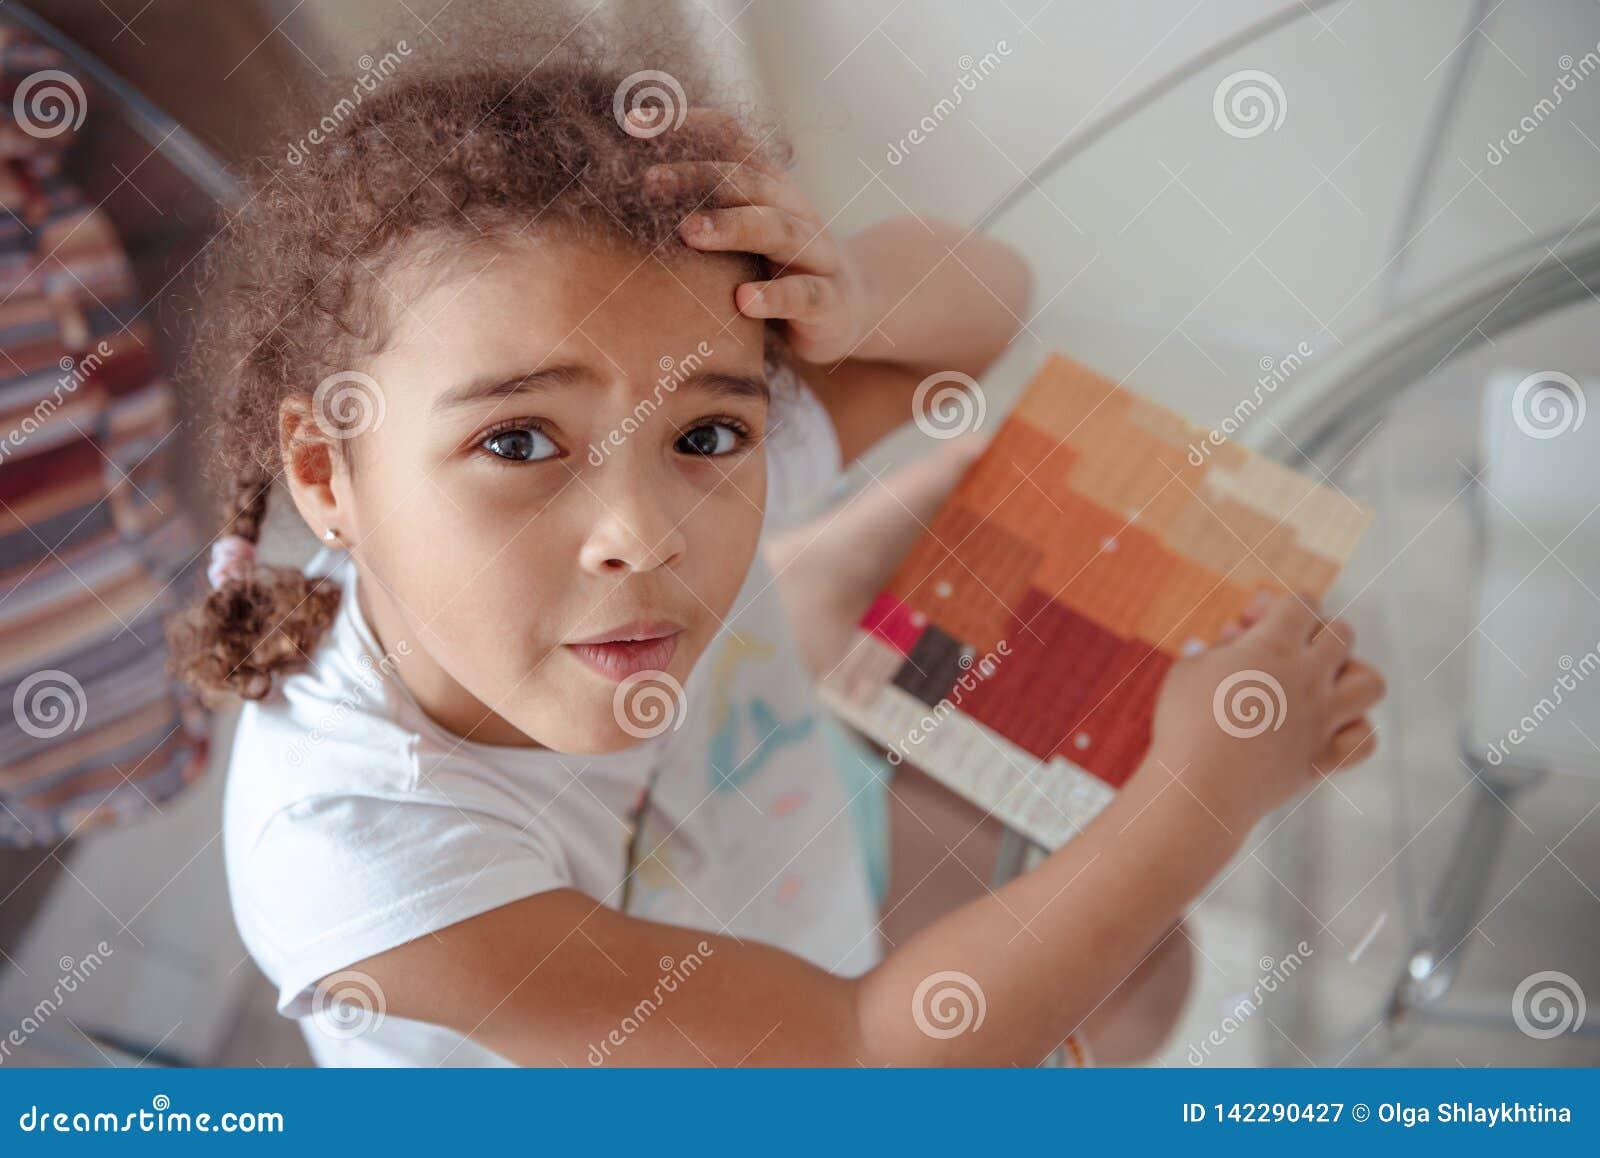 Милая маленькая девочка делает applique, клеит красочный дом, прикладывая бумагу цвета используя ручку клея пока делающ искусства